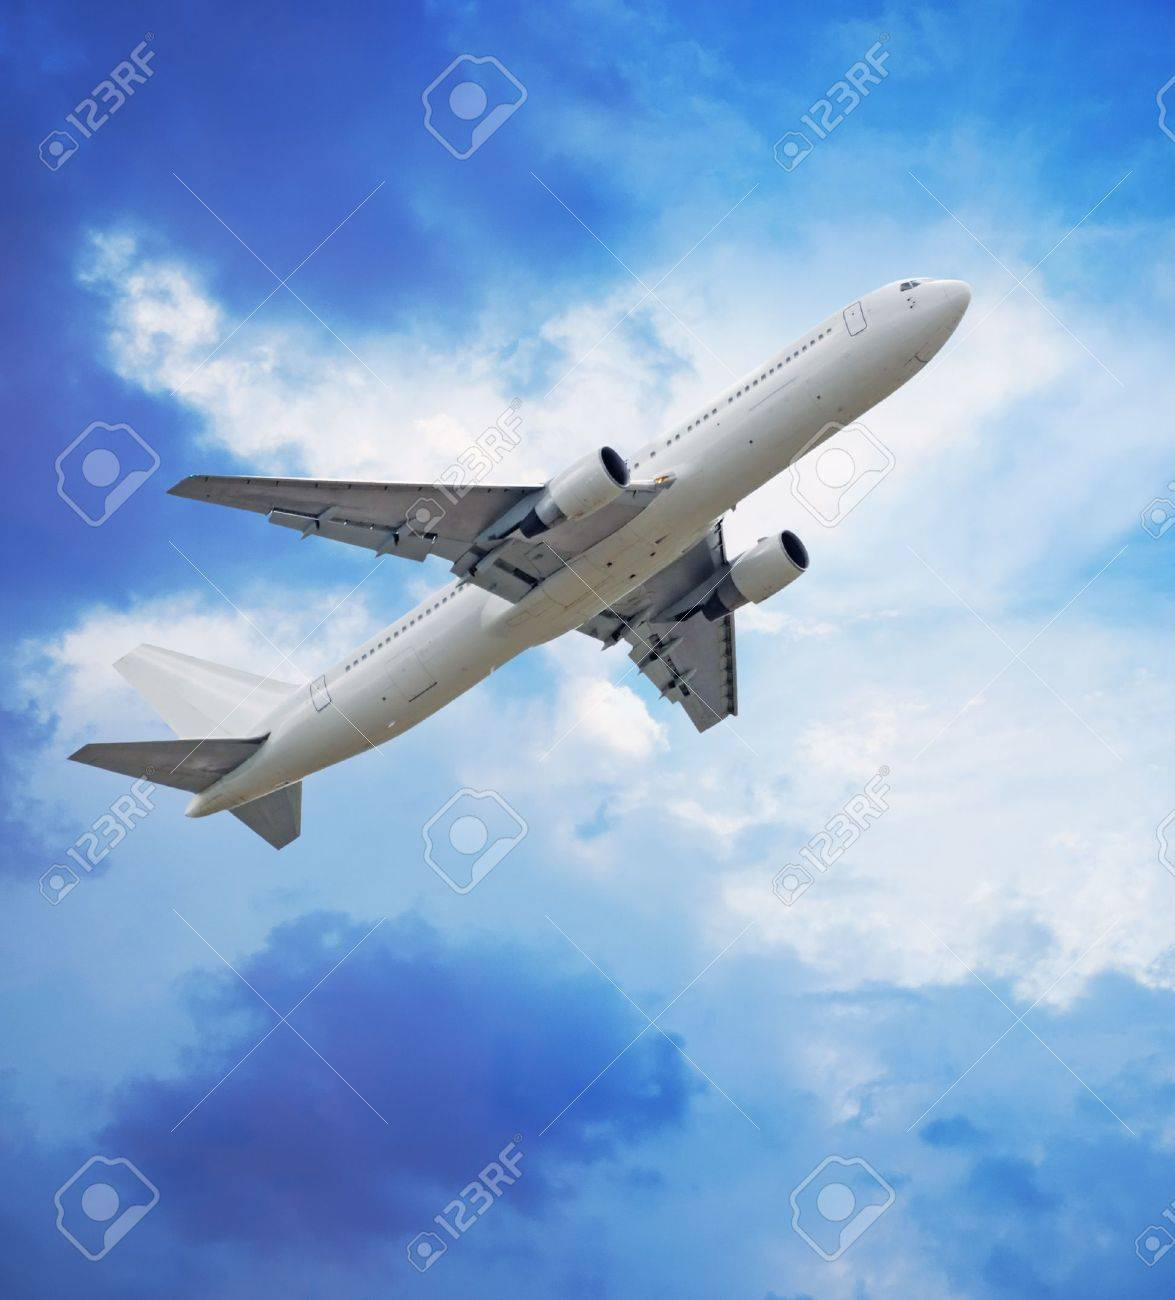 Passenger airliner in blue sky - 9779099